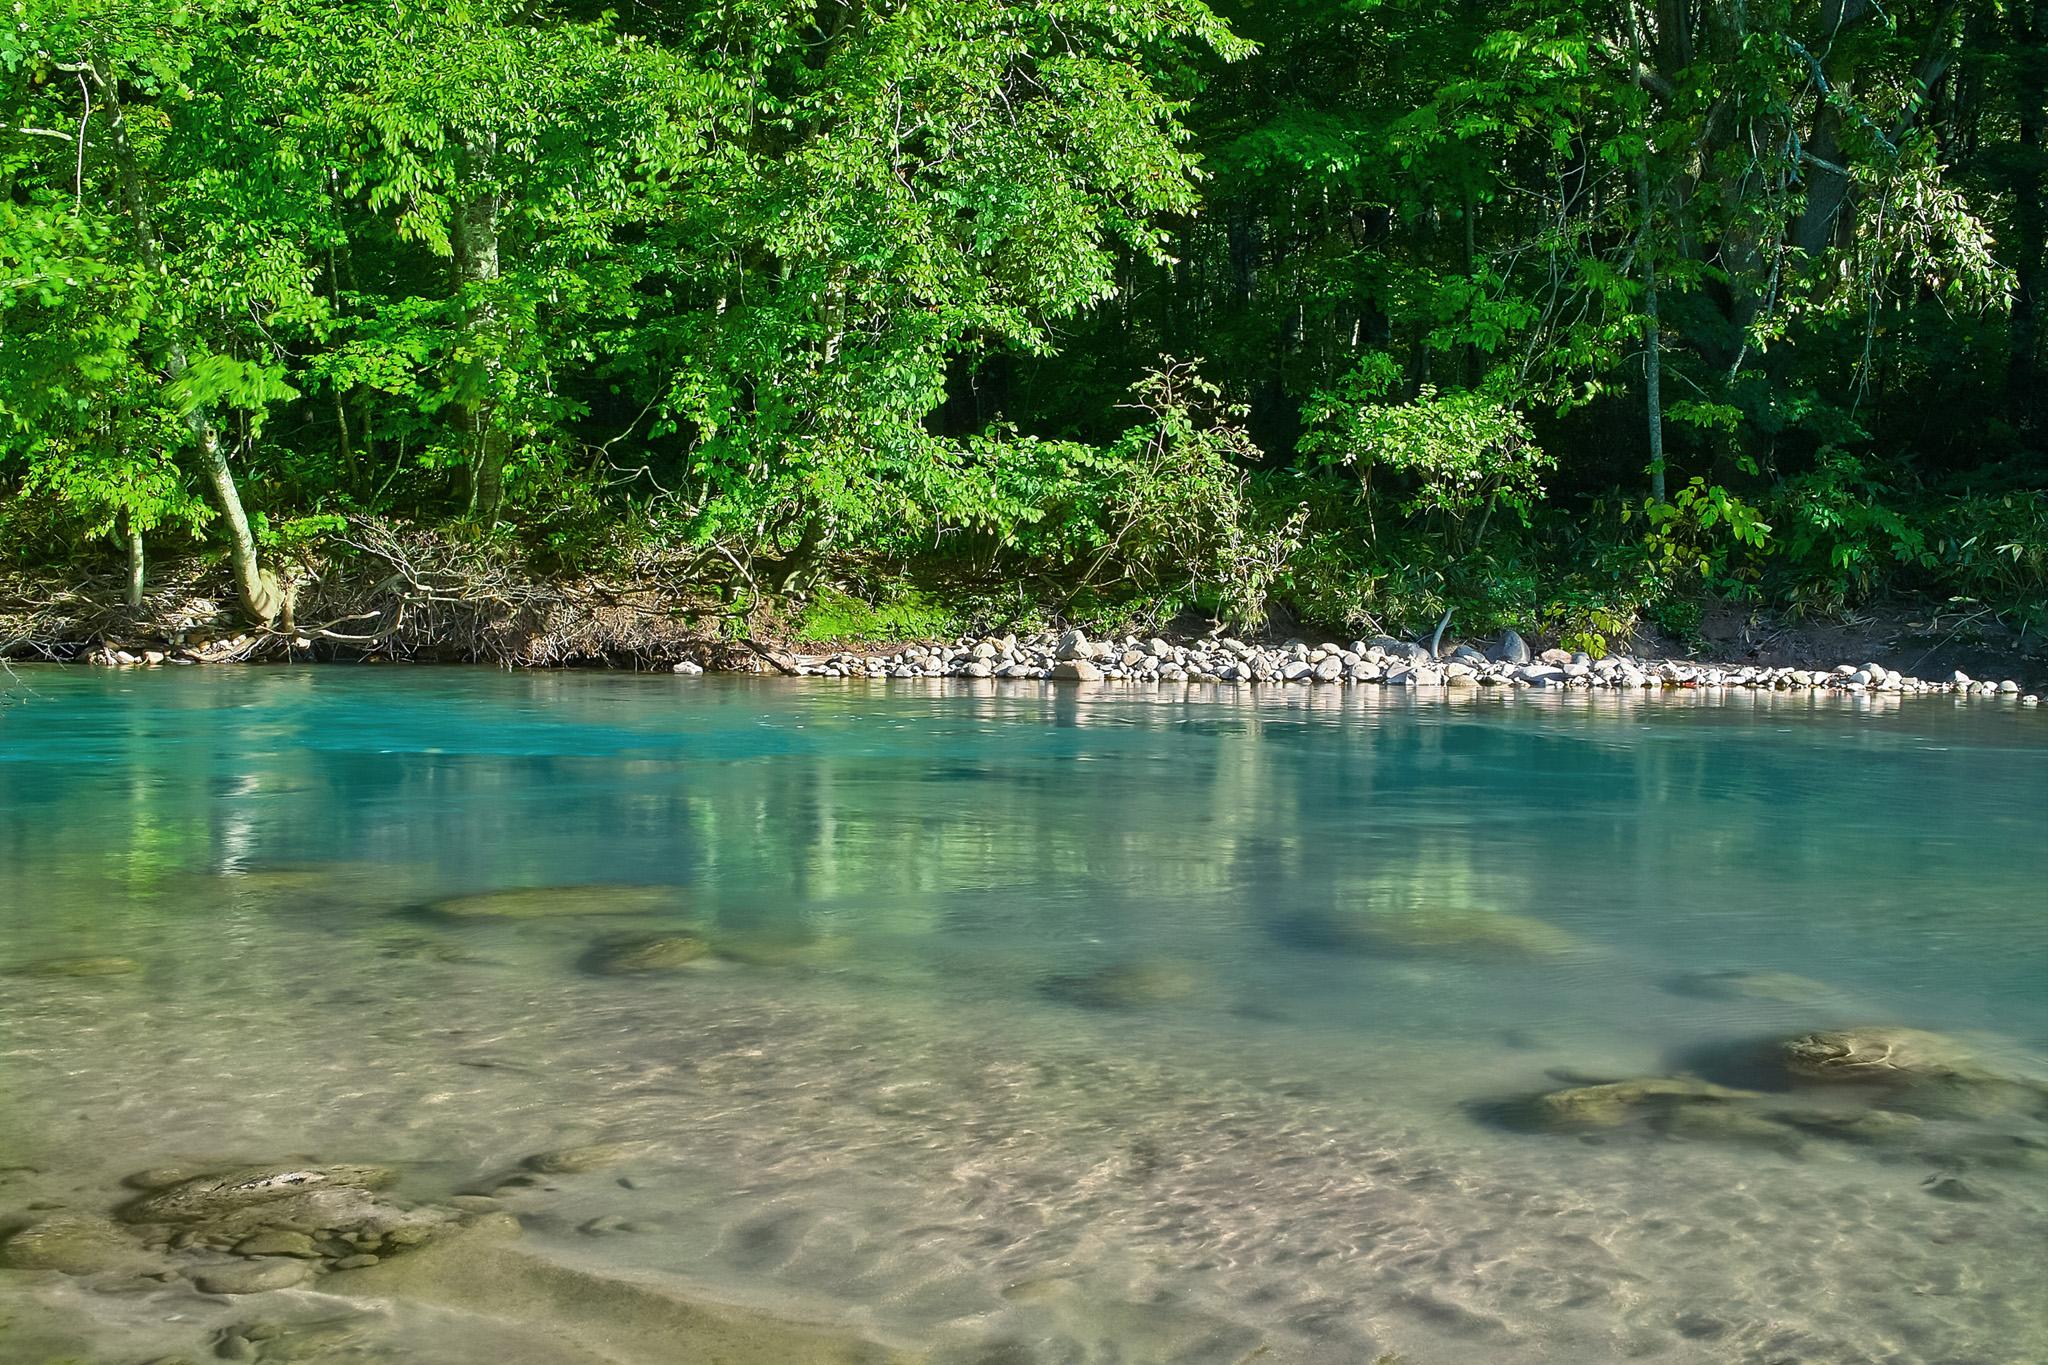 「エメラルドグリーンの水の底に見える白い砂」の画像を無料ダウンロード